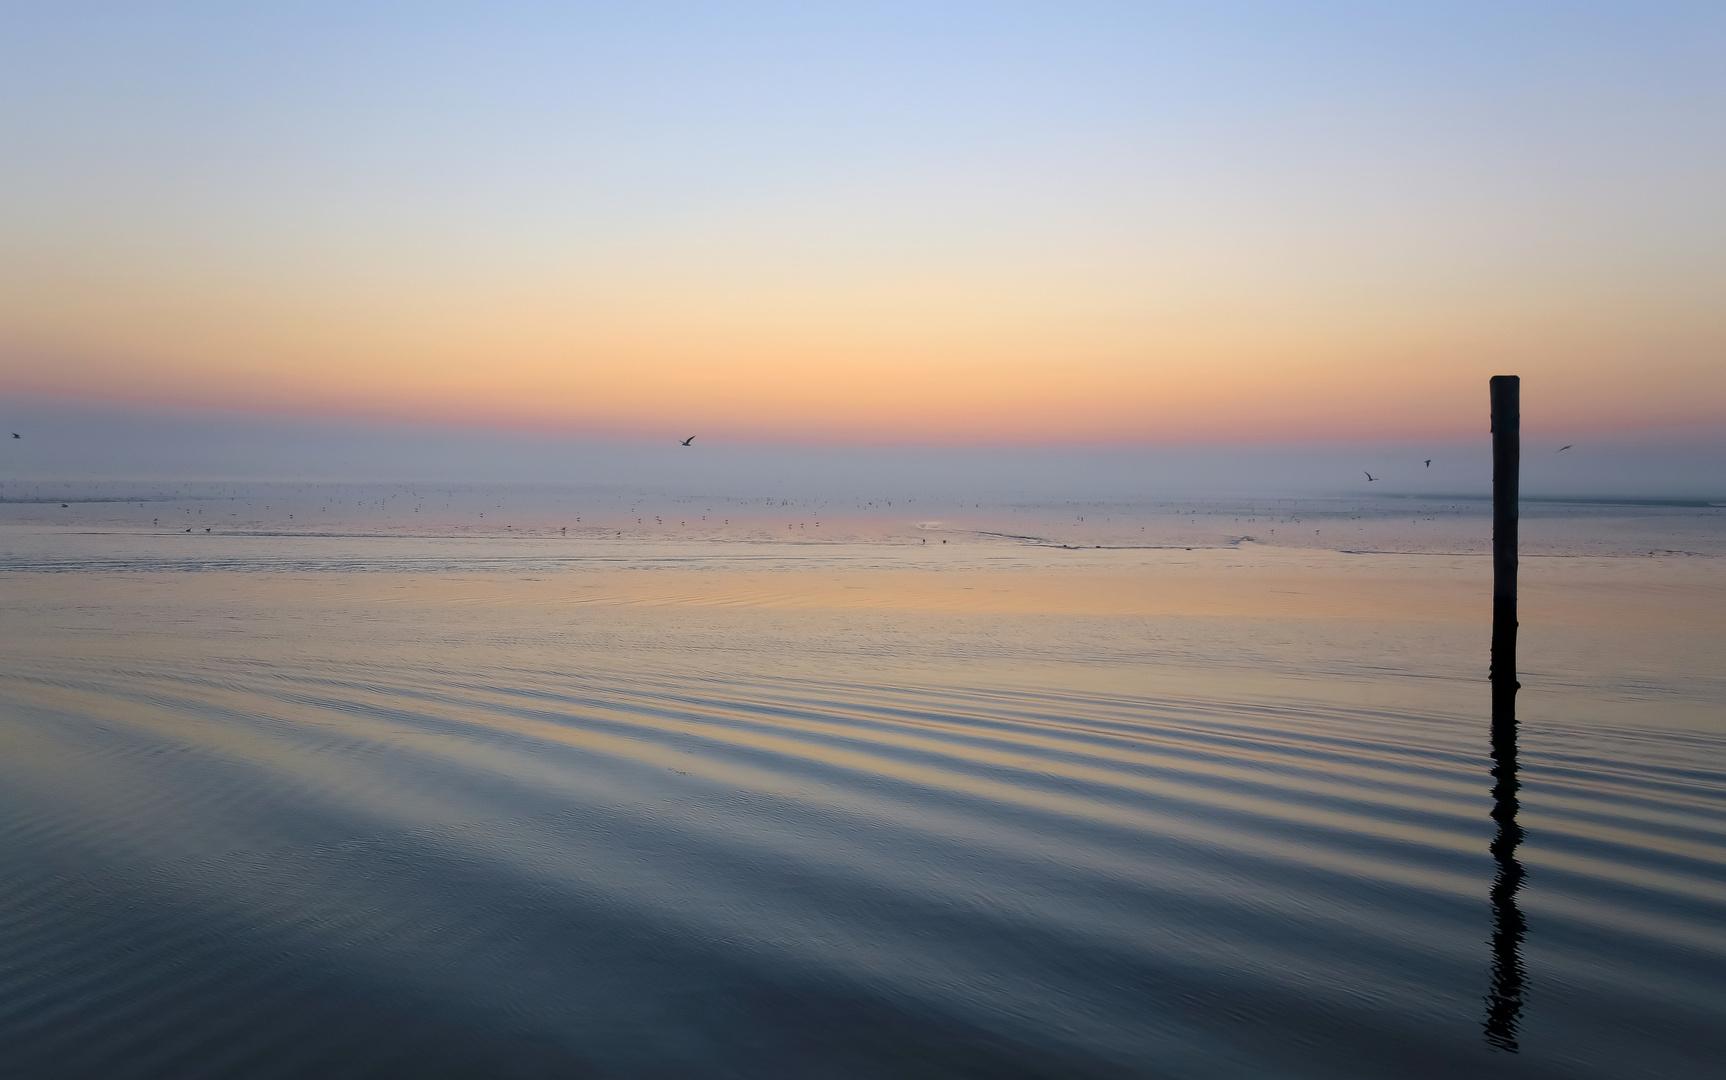 Meeresstreifen